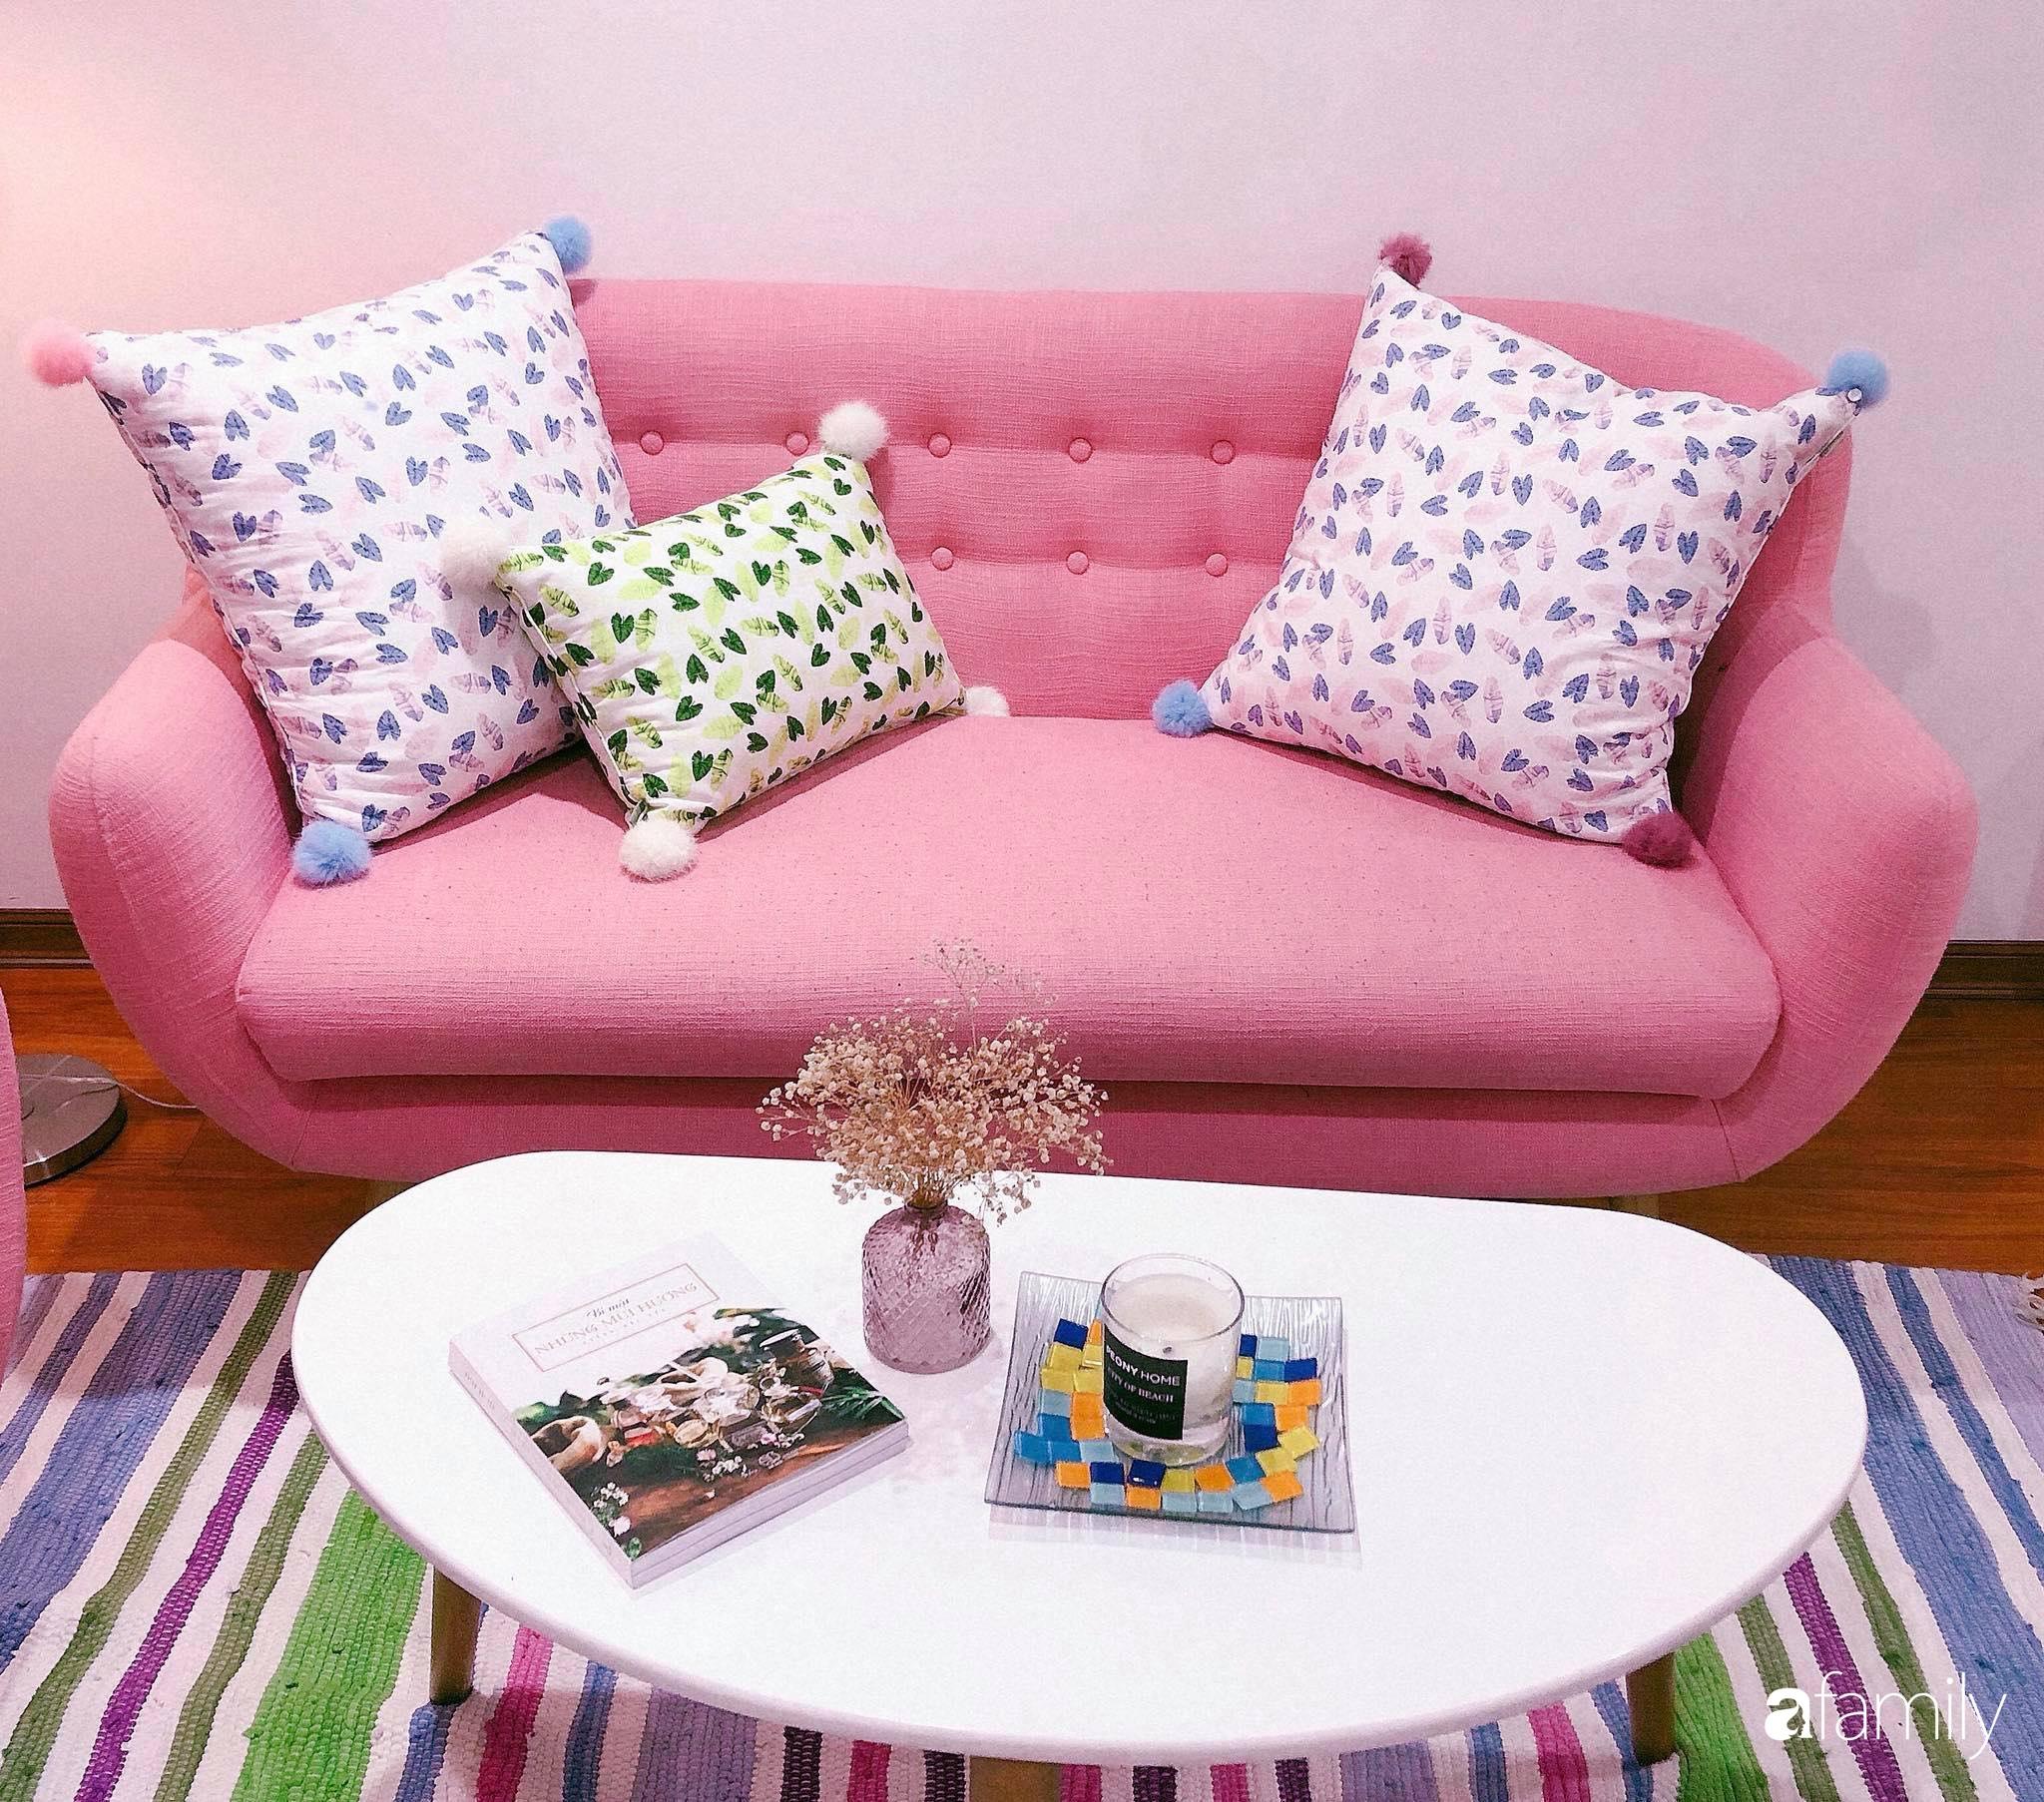 Bí quyết decor căn hộ 60m² luôn ngọt ngào và thoảng nhẹ hương thơm dịu dàng ở Hà Nội - Ảnh 4.